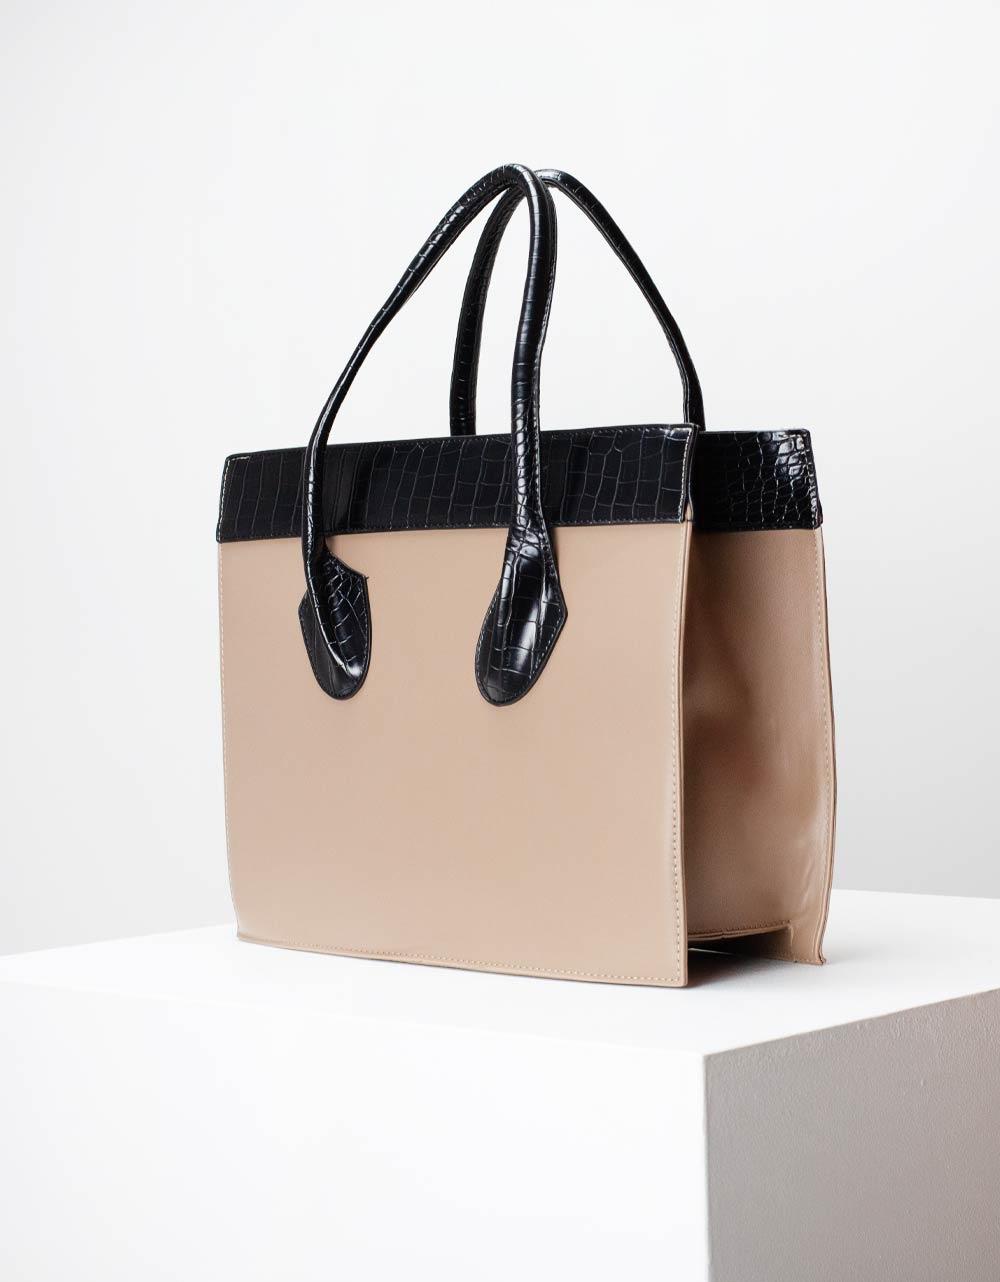 Εικόνα από Γυναικεία τσάντα χειρός με δίχρωμες κροκό λεπτομέρειες Πούρο